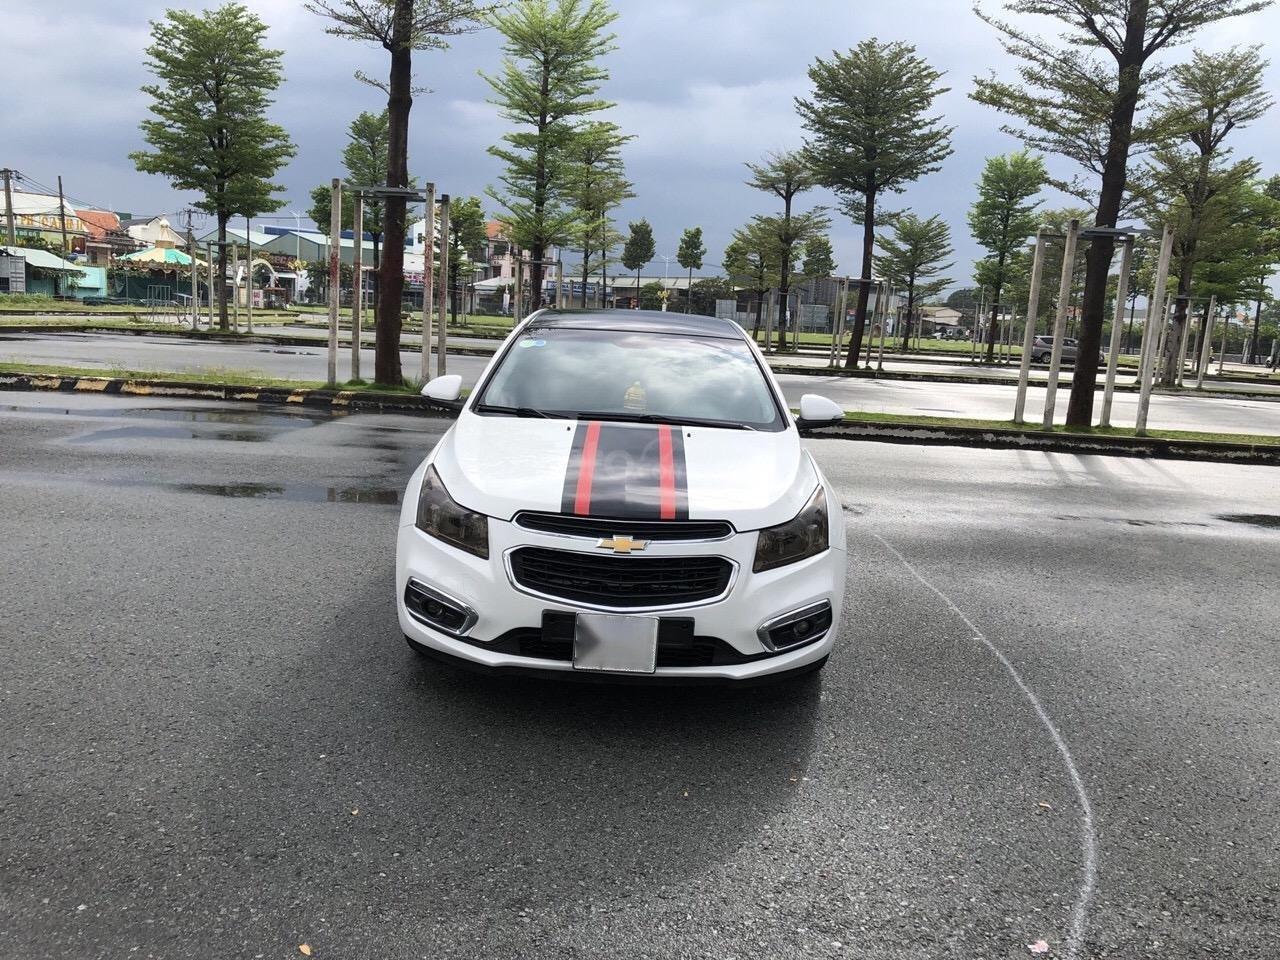 Bán Chevrolet Cruze 1.6LS sản xuất 2016, màu trắng xe nhà bán lại 378 triệu (1)